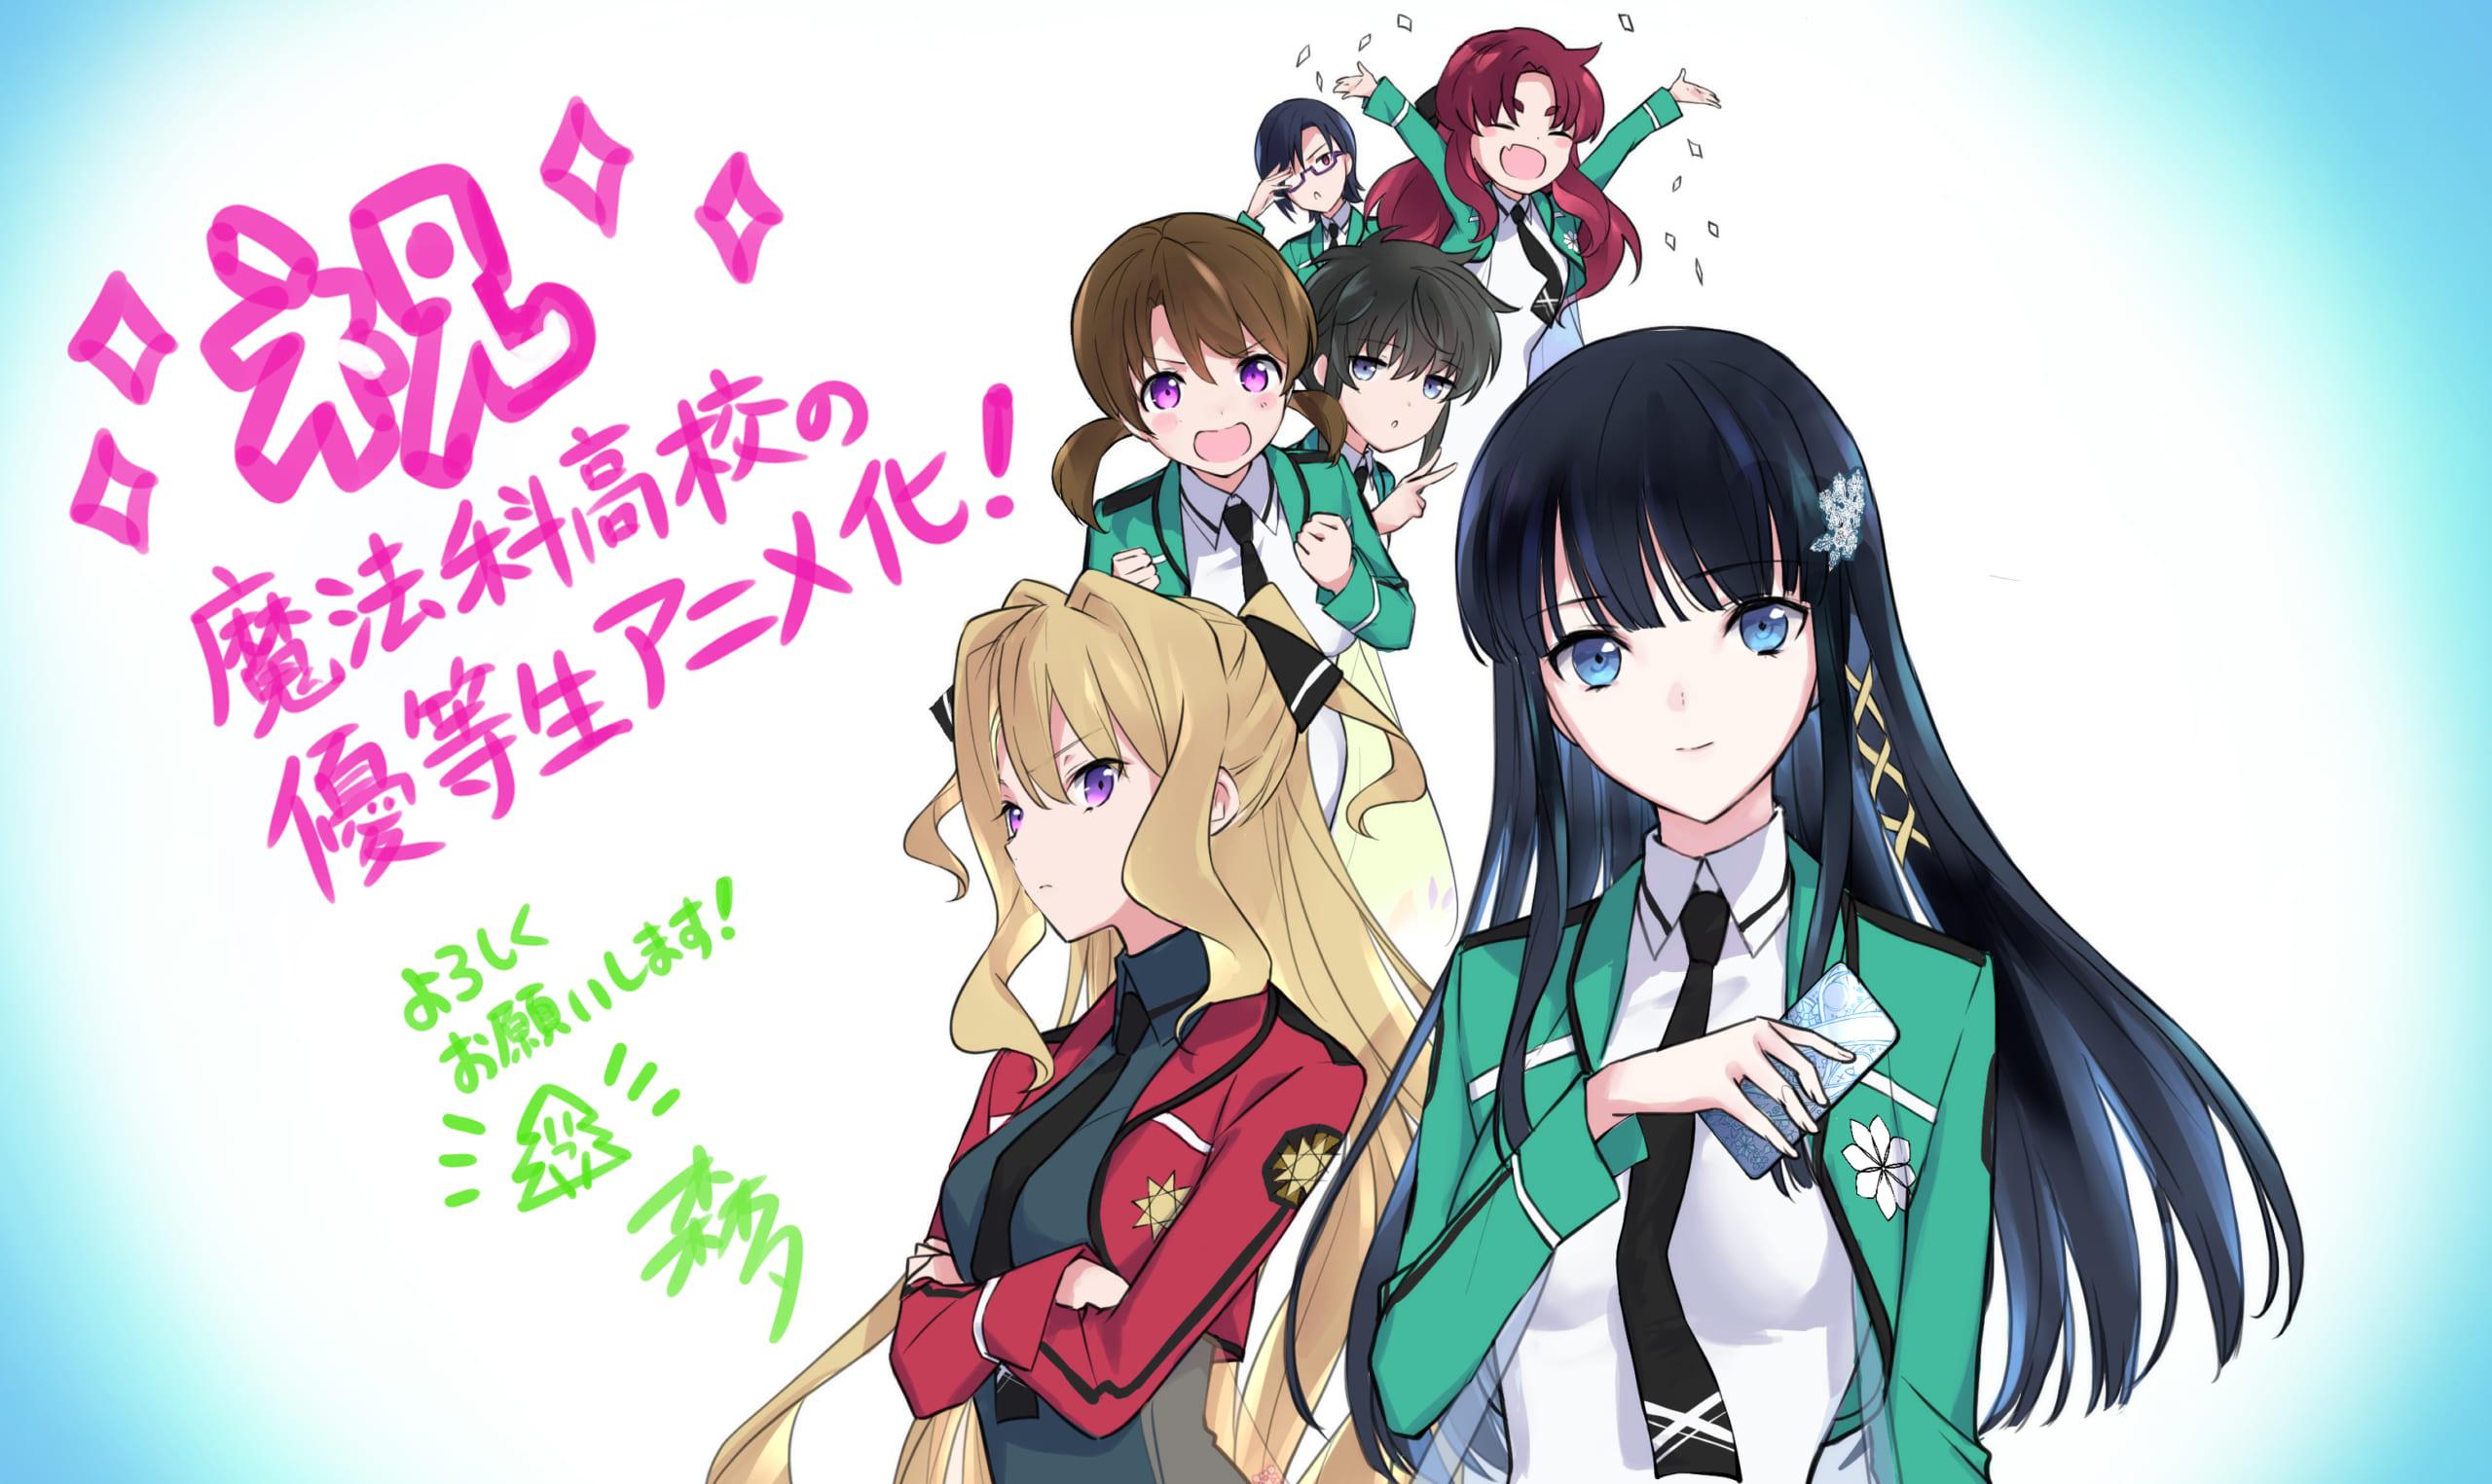 TVアニメ「魔法科高校の優等生」森夕先生お祝いコメント・イラスト